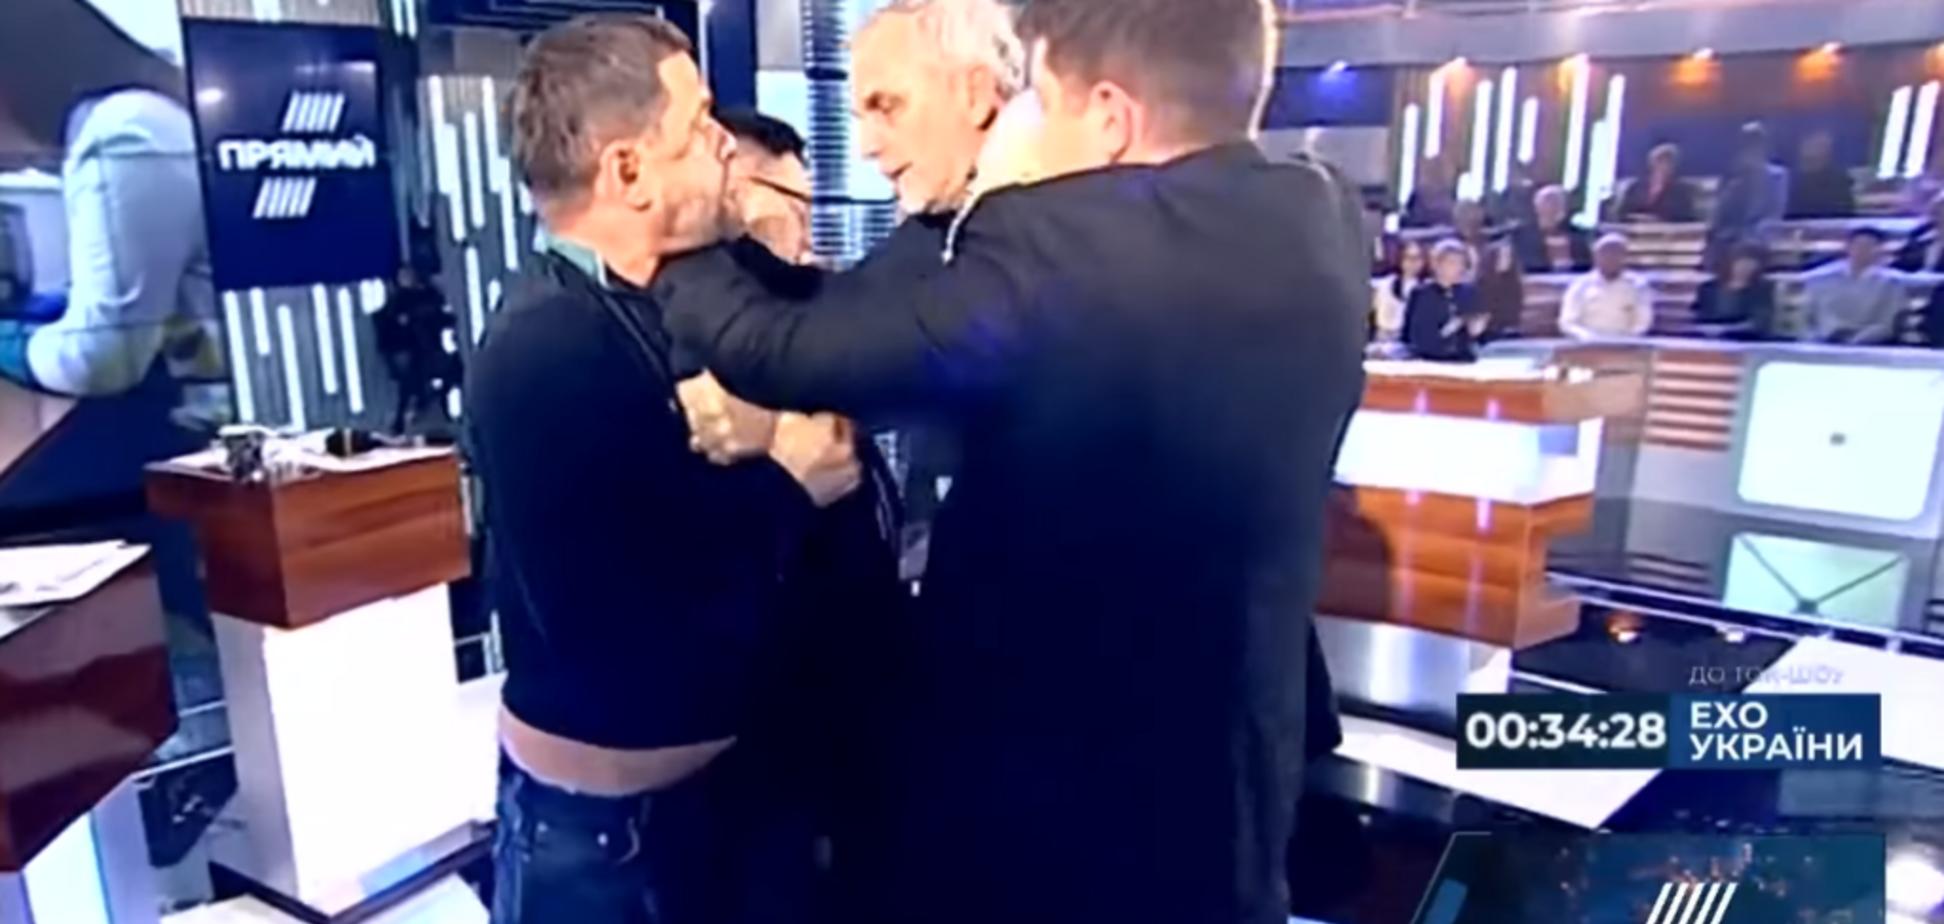 Вчепився в шию: нардеп влаштував жорстку бійку в прямому ефірі